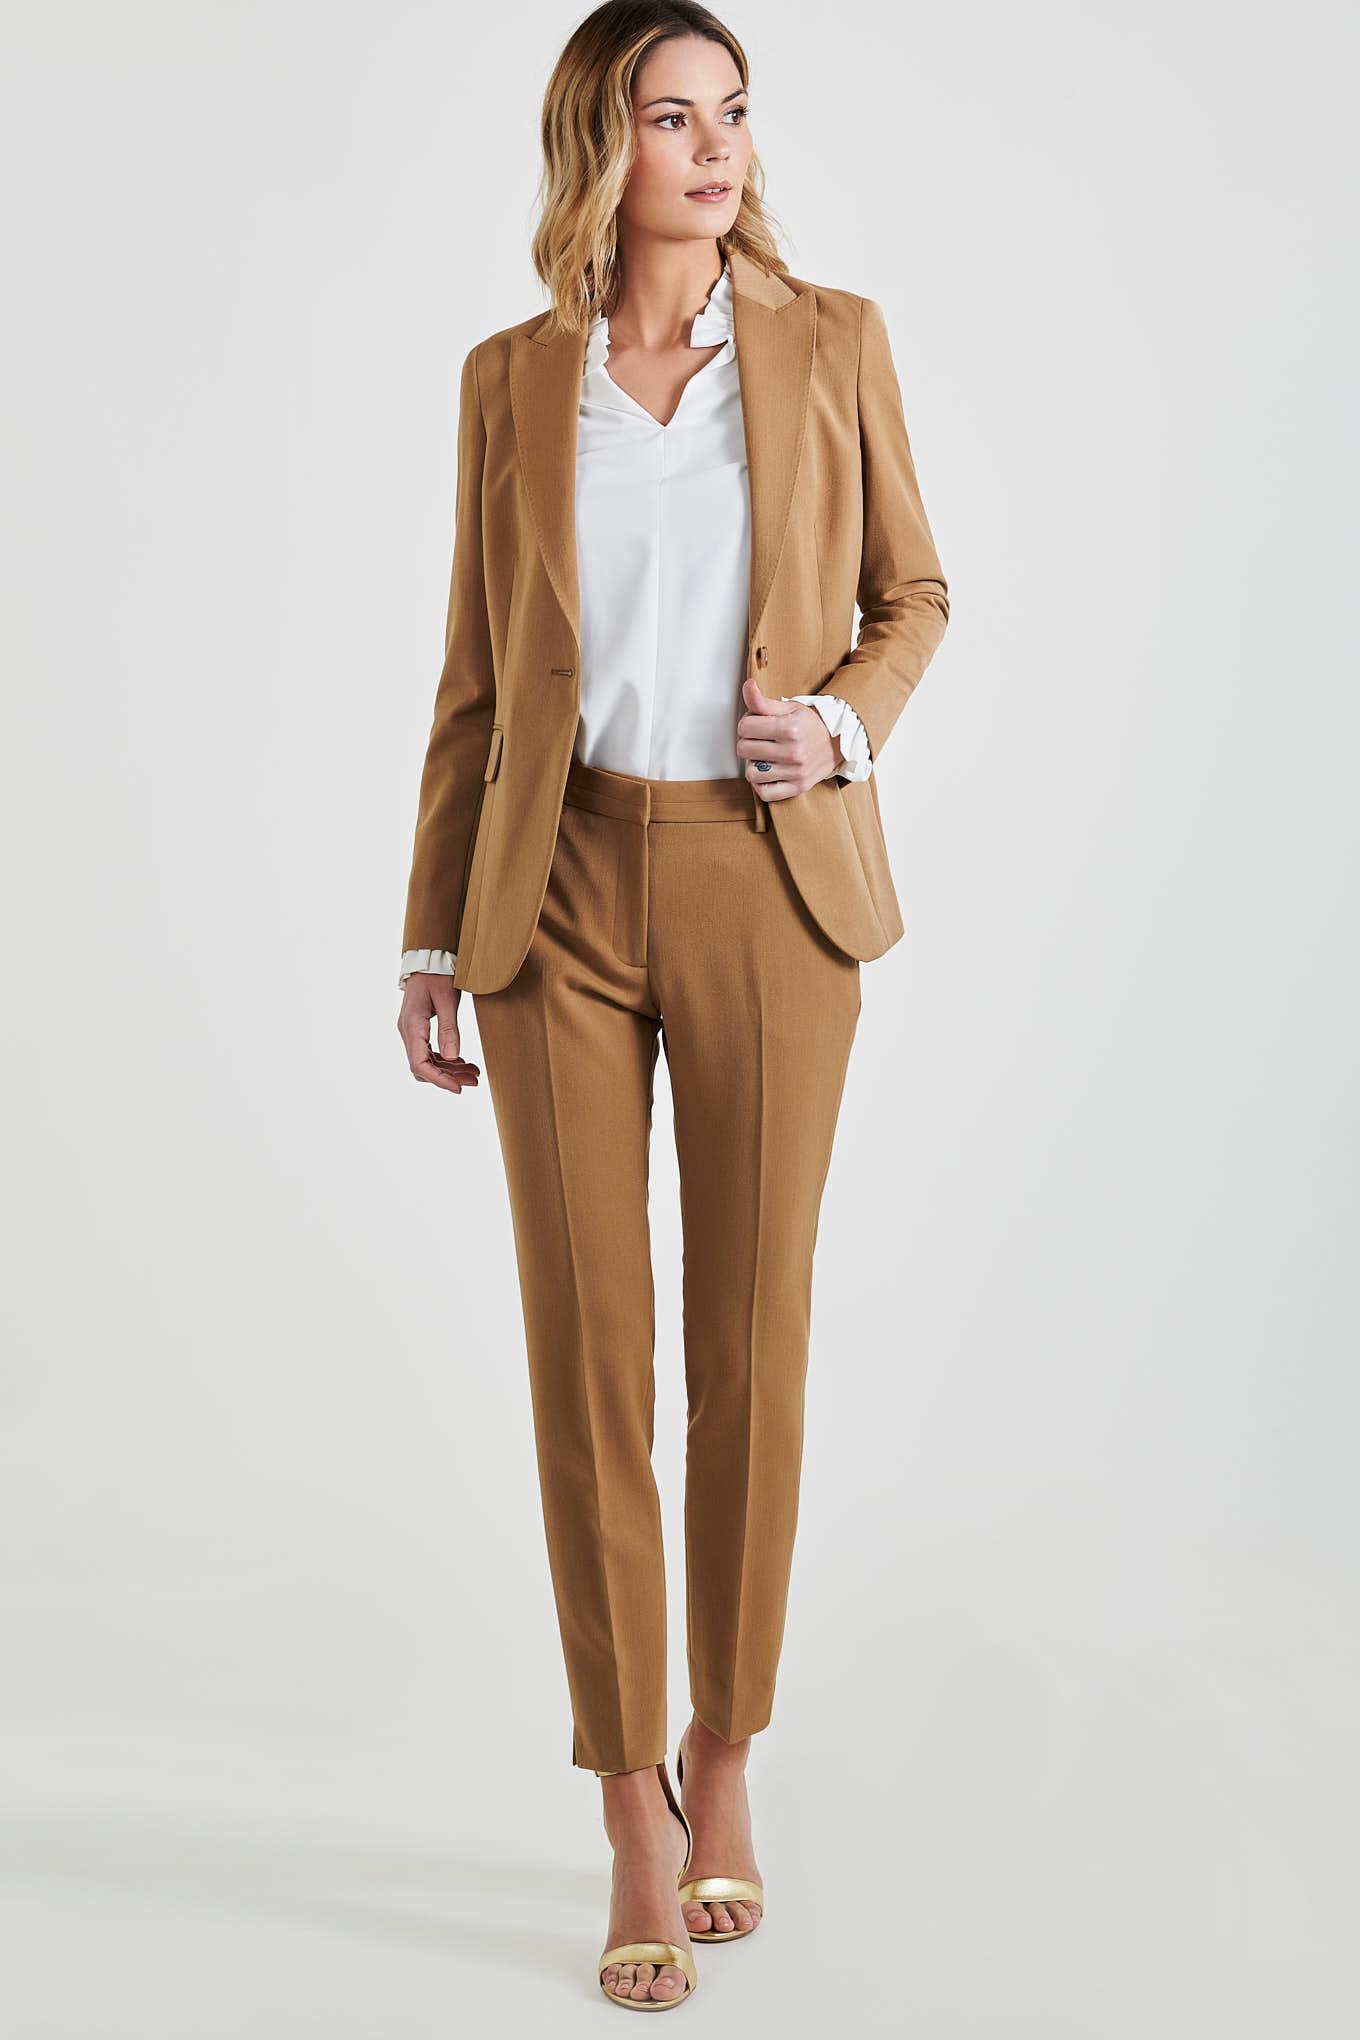 Suit Camel Classic Woman